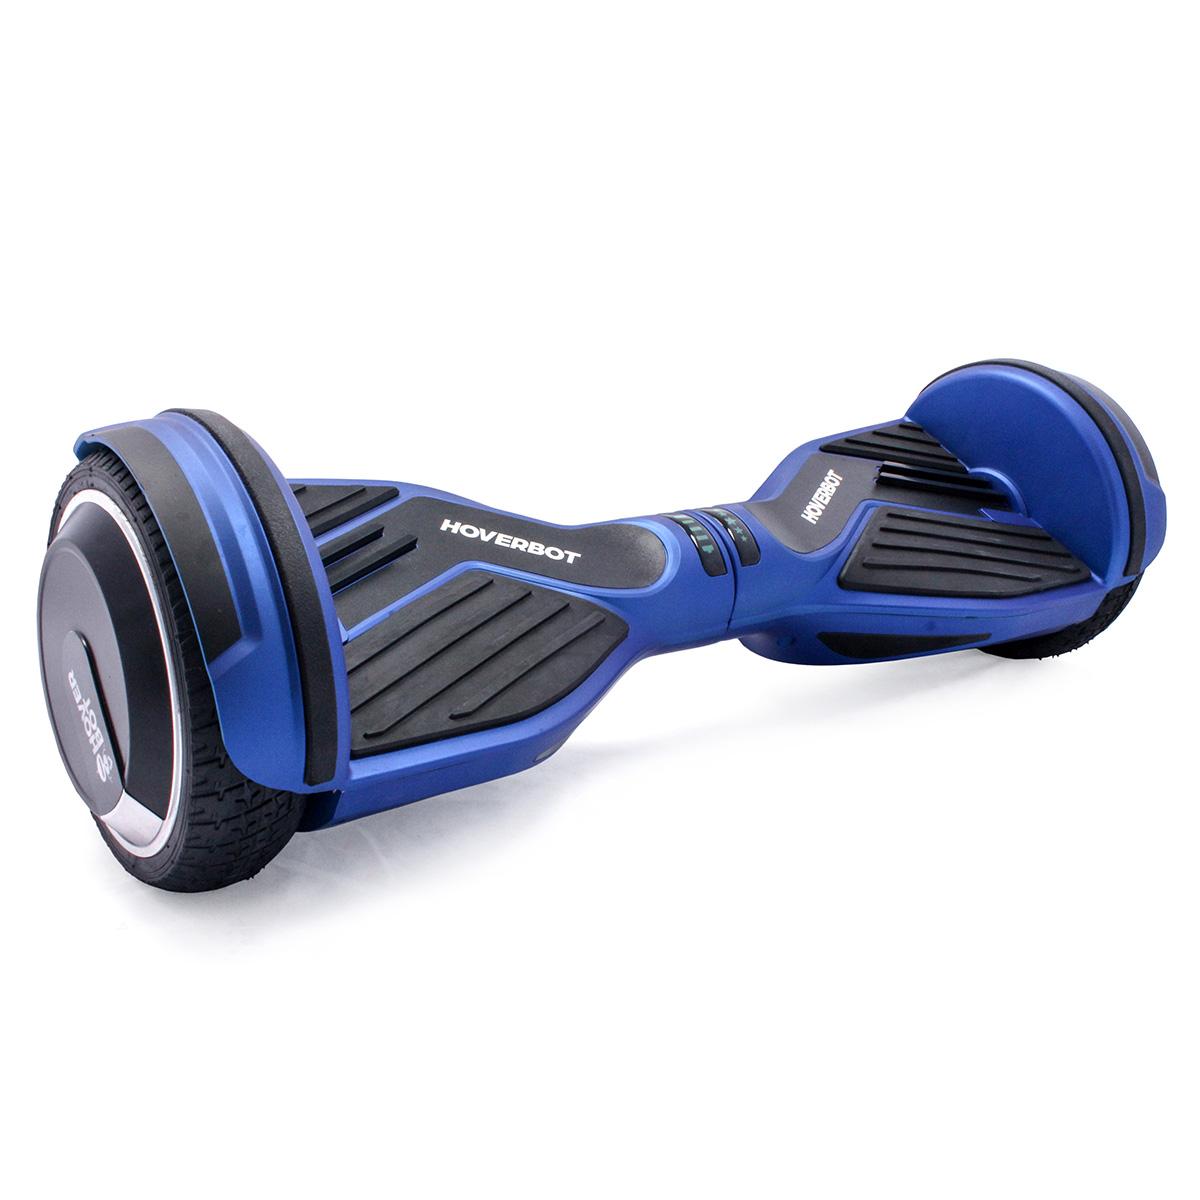 Гироскутер Hoverbot A-6 Premium, цвет: синий матовыйAIRWHEEL Q5-260WH-WHITE-BLUEГироцикл Hoverbot А6 Premium можно использовать для развлечения, в качестве спортивного снаряда, а также в качестве самого настоящего транспортного средства. Эффективный принцип, заложенный в основу этого устройства, обеспечивает максимальную простоту в эксплуатации и отличную управляемость, ведь встроенный гироскоп реагирует на малейшее движение тела, облегчая управление. Платформы для ног имеют отличное сцепление с обувью. Небольшие фонари спереди устройства осветят мелкие трещины и препятствия на дороге в тёмное время суток, а также сделают вас заметнее для других пешеходов или атомобилистов. Технические характеристики: Возможная дистанция: 15-20 кмМаксимальная скорость: 15 км/чАккумулятор: Lithium 36V 4,4 AHРазмер колеса: 6,5(165мм)Мощность мотора: 2х350WМаксимальная нагрузка: 120 кгВремя заряда/сеть: 120мин/220ВВес нетто: 11Вес брутто: 12,5Влагозащита: IP54Условия эксплуатации: -10°C - 50°C3 режима работы устройства. (Начинающий, стандартный, продвинутый), Bluetooth.Пульт управления. Комплектация: Зарядное устройство, чехол, гарантийный талон, сертификат, инструкция.